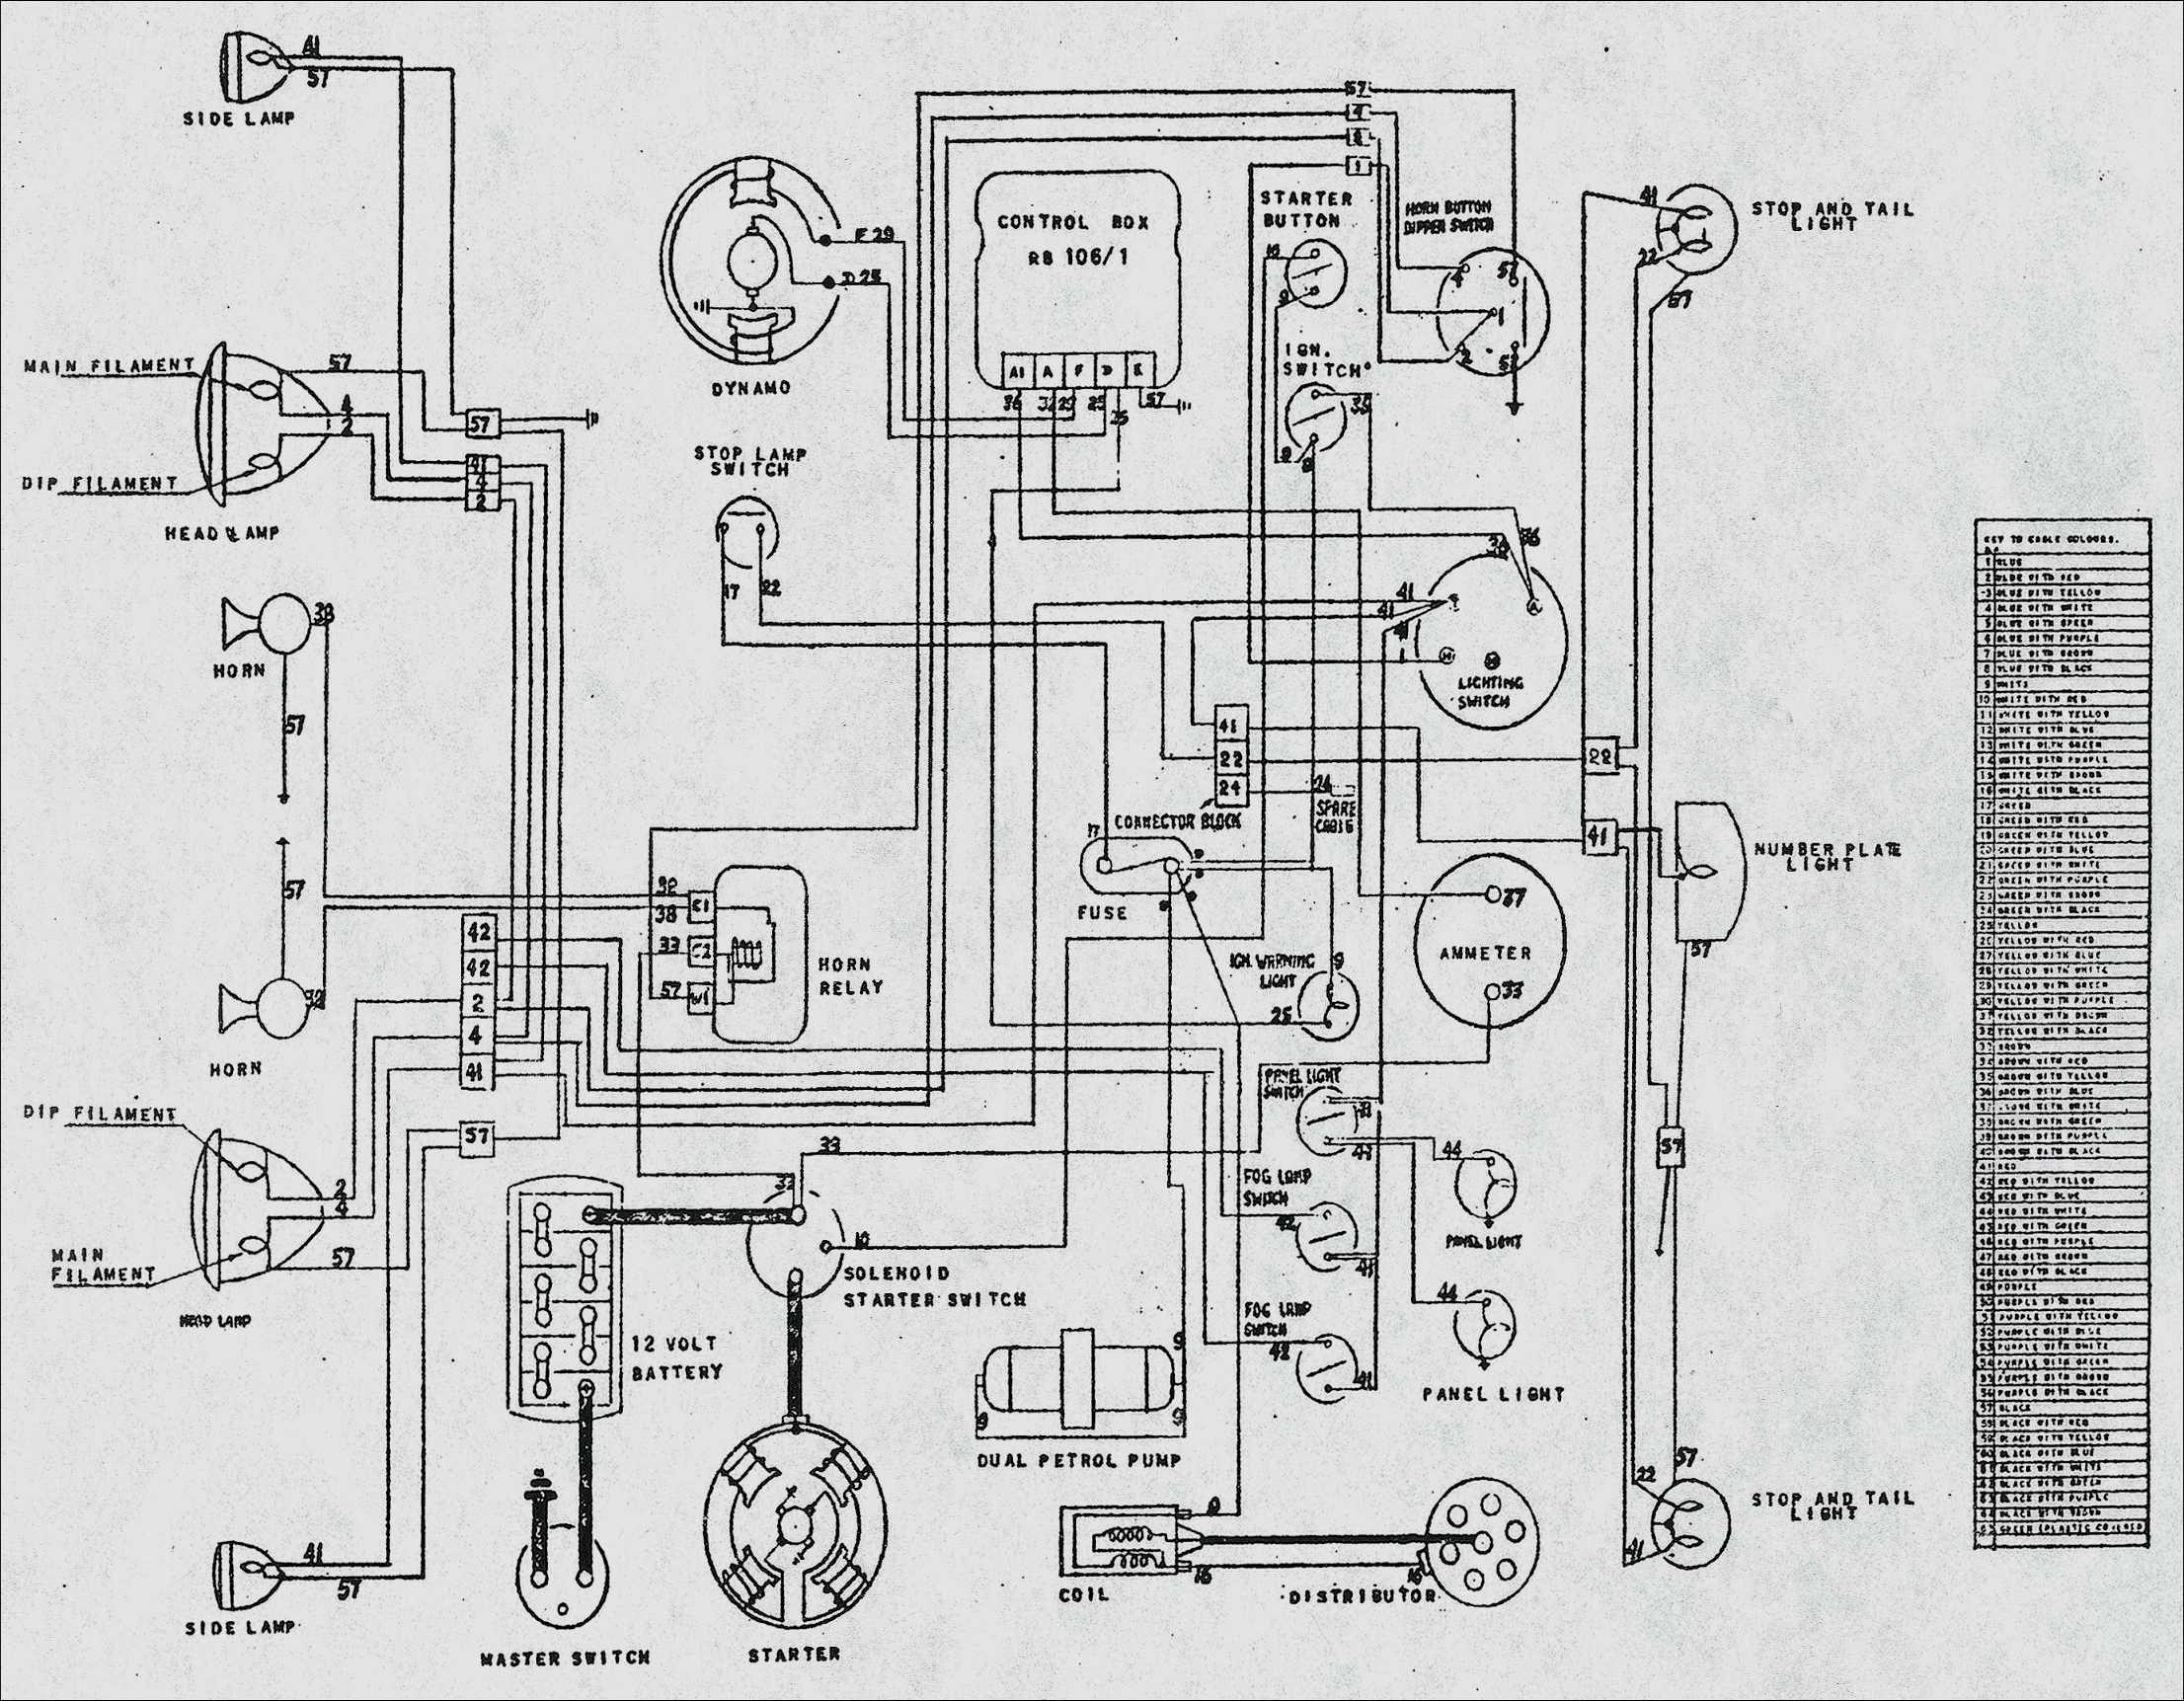 Cat5 Wire Diagram Att Uverse Cat5 Wiring Diagram Lovely Auto Wiring - Att Uverse Wiring Diagram